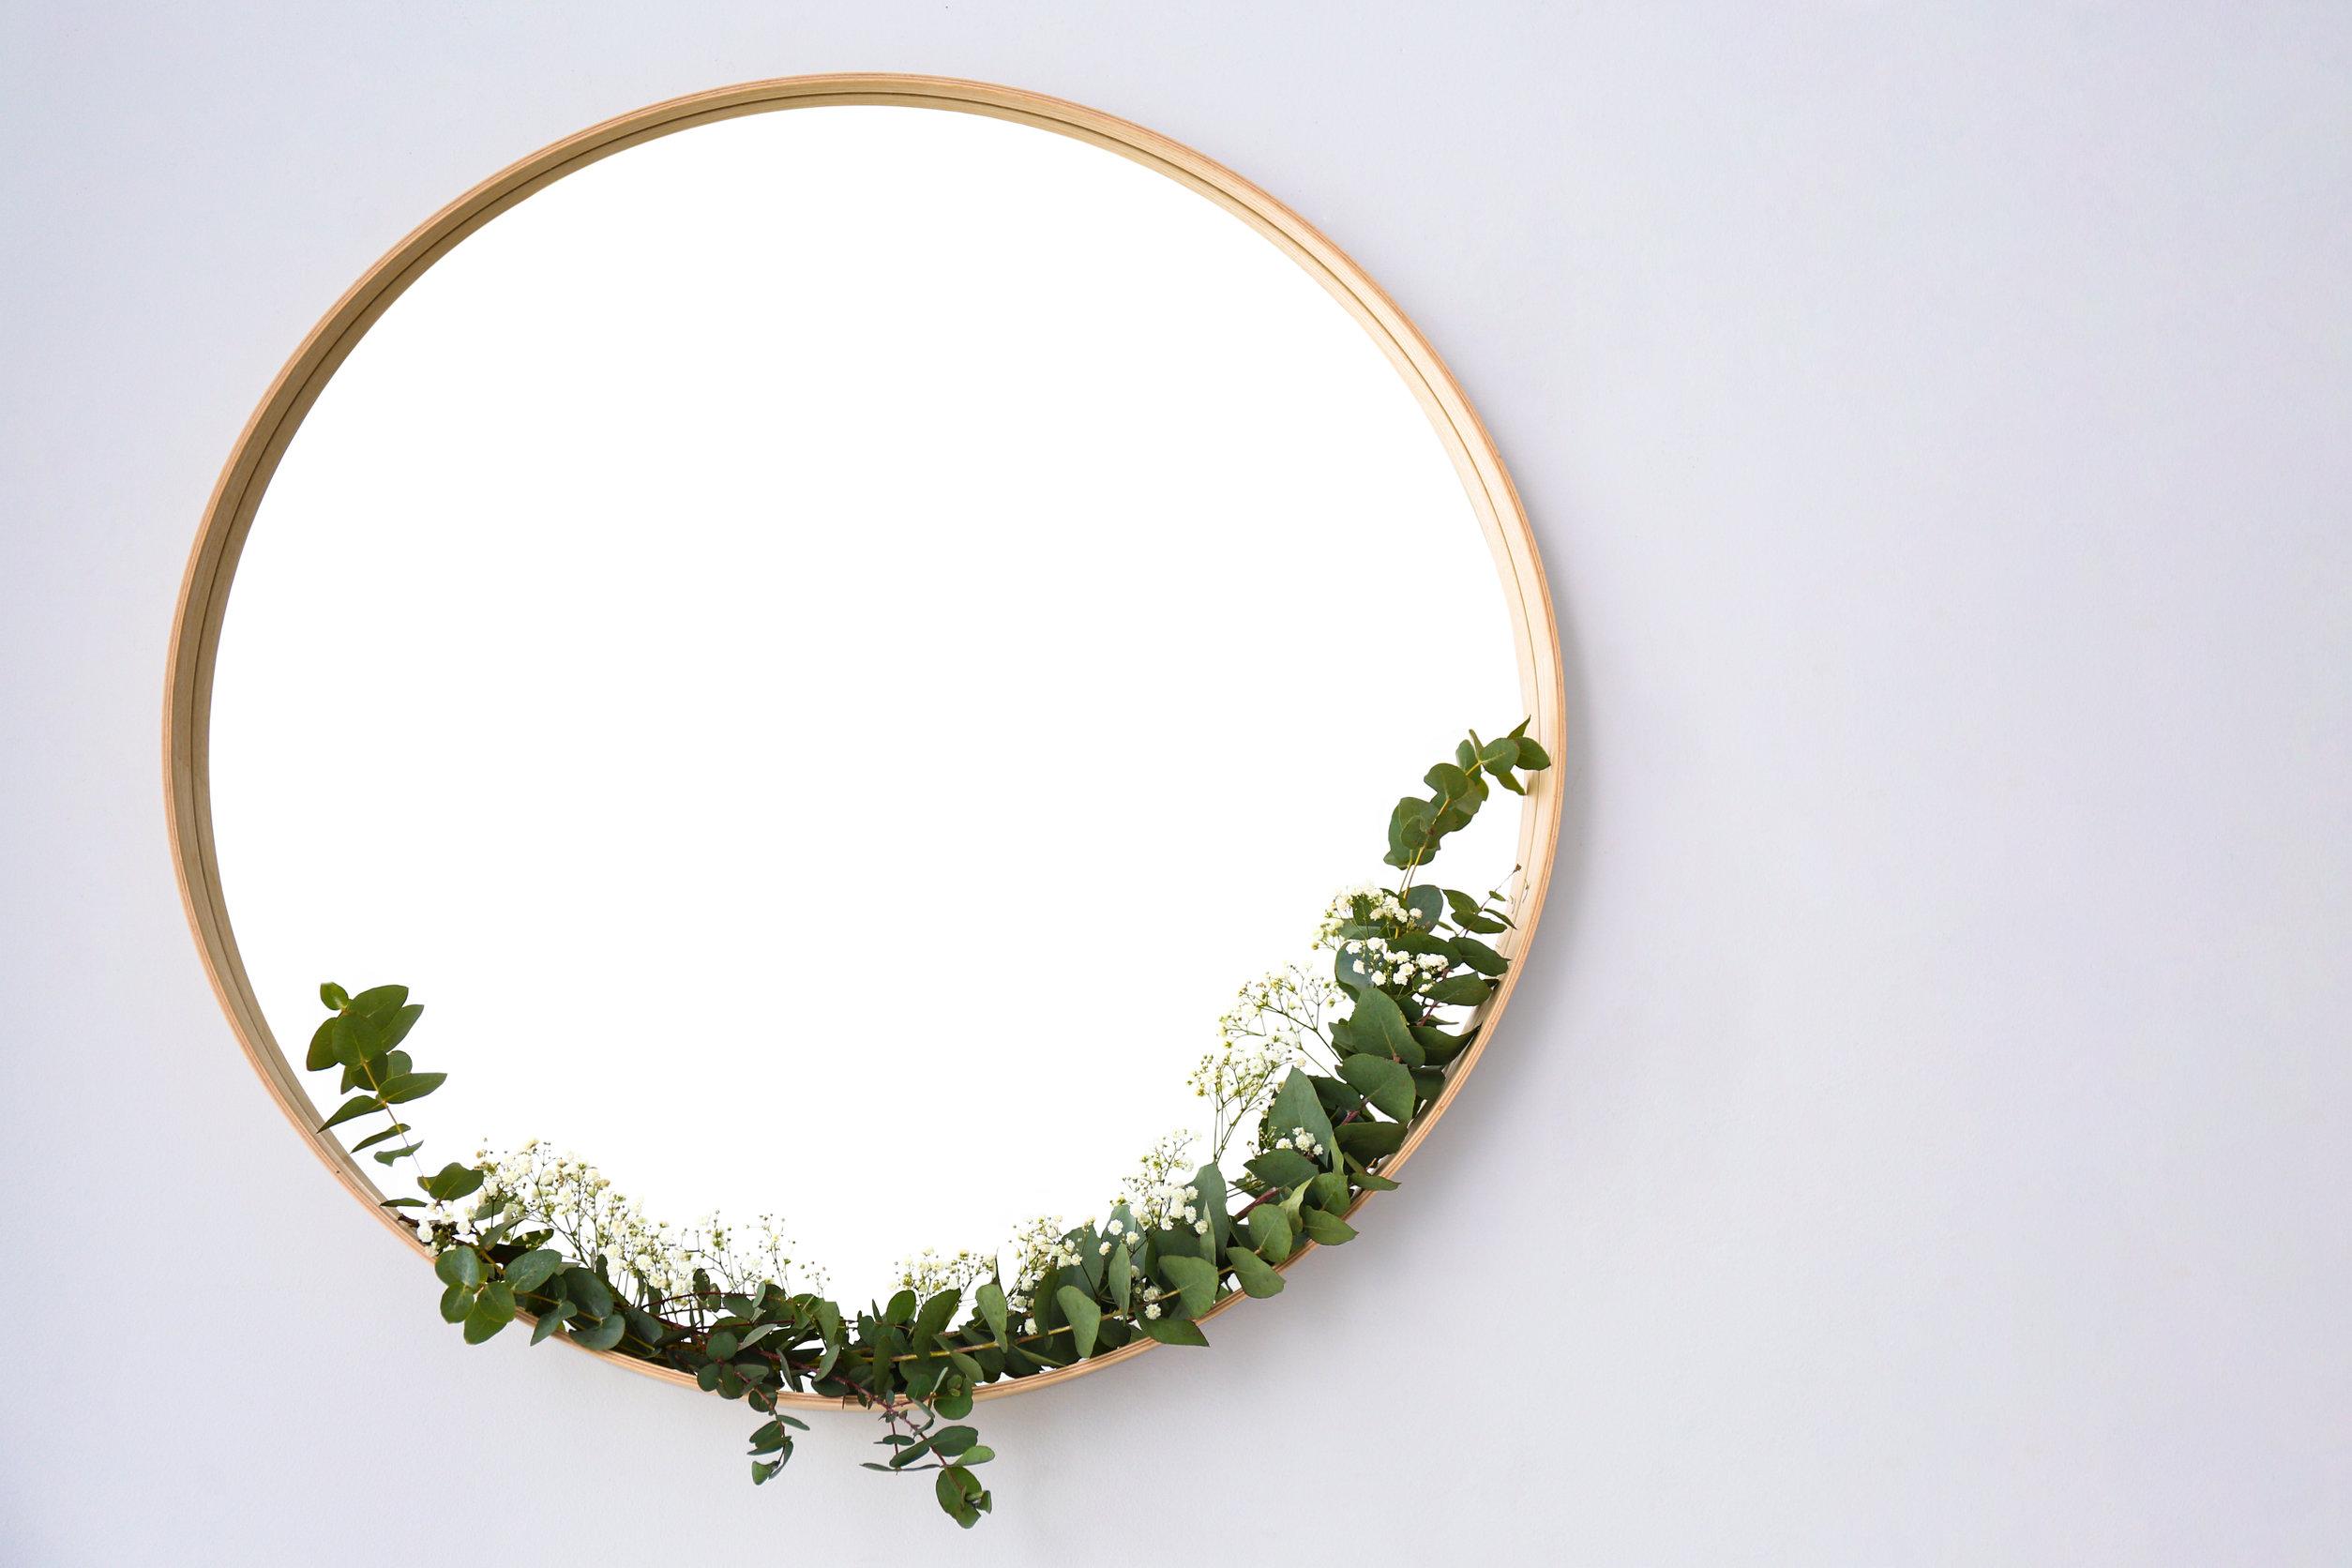 Nuevo espejo redondo en marco de madera sobre pared blanca, espacio para texto